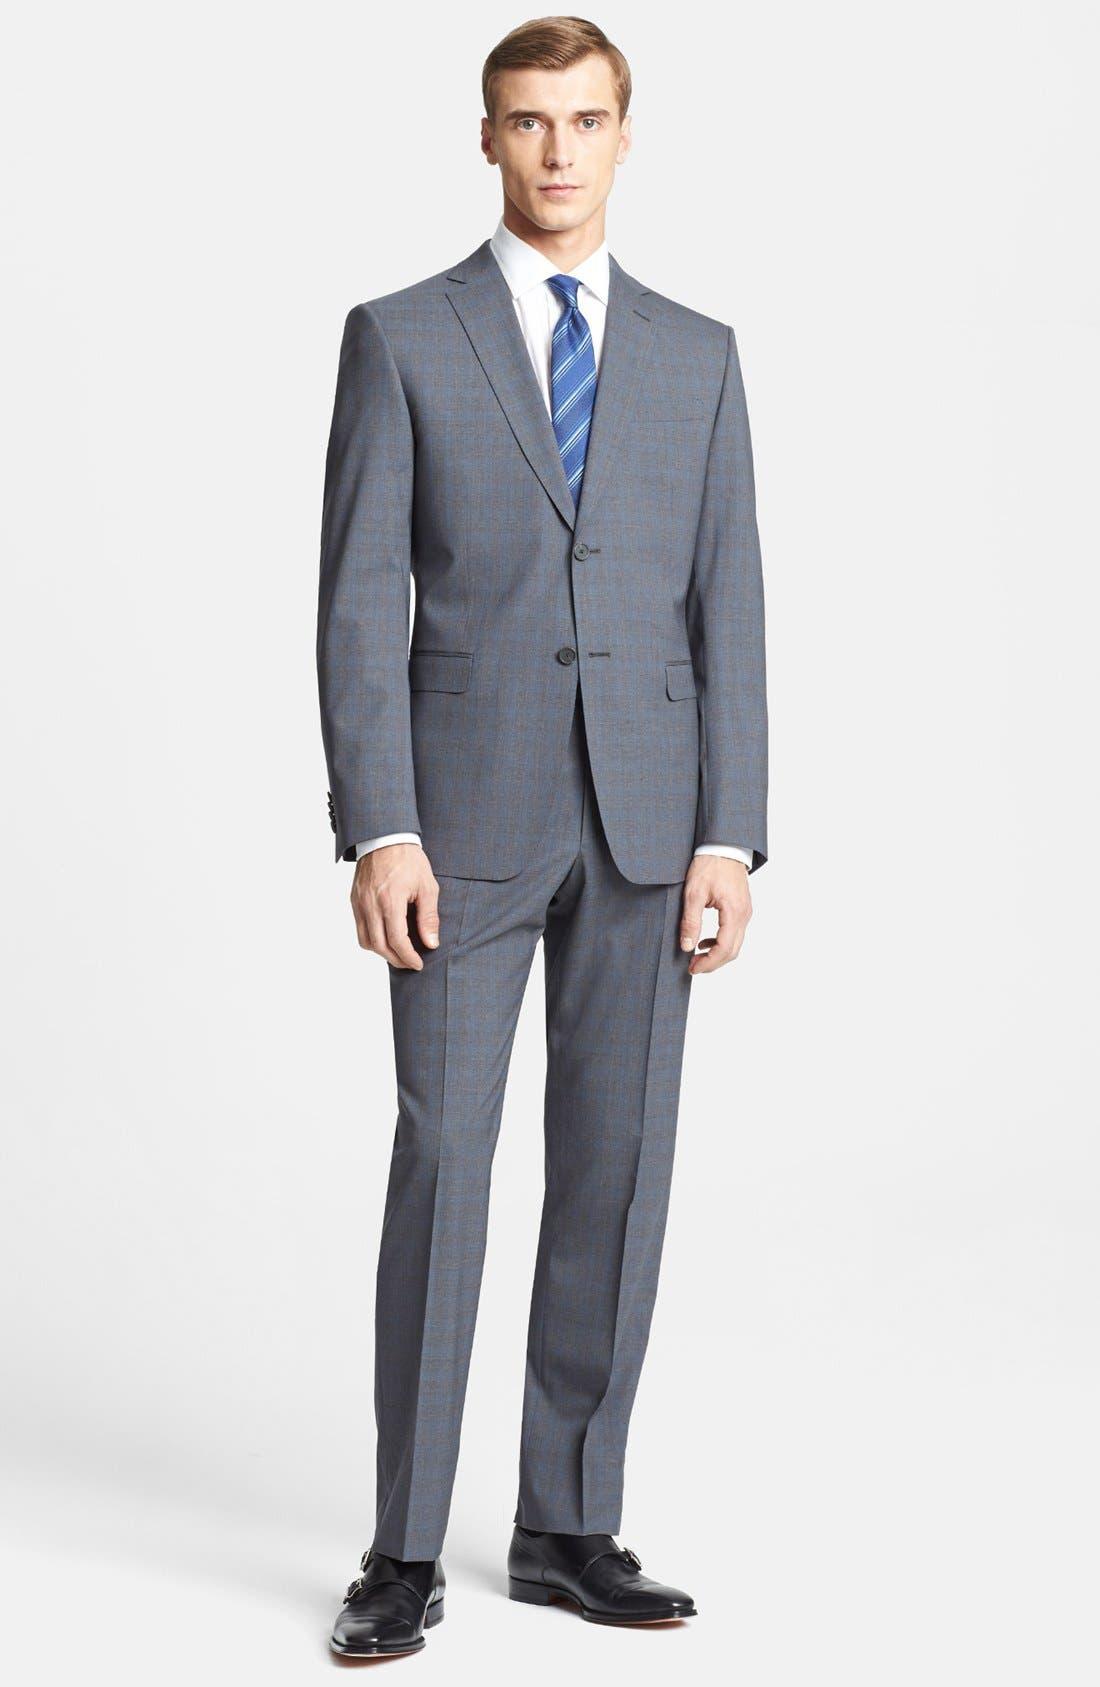 Main Image - Z Zegna Trim Fit Grey Wool Suit